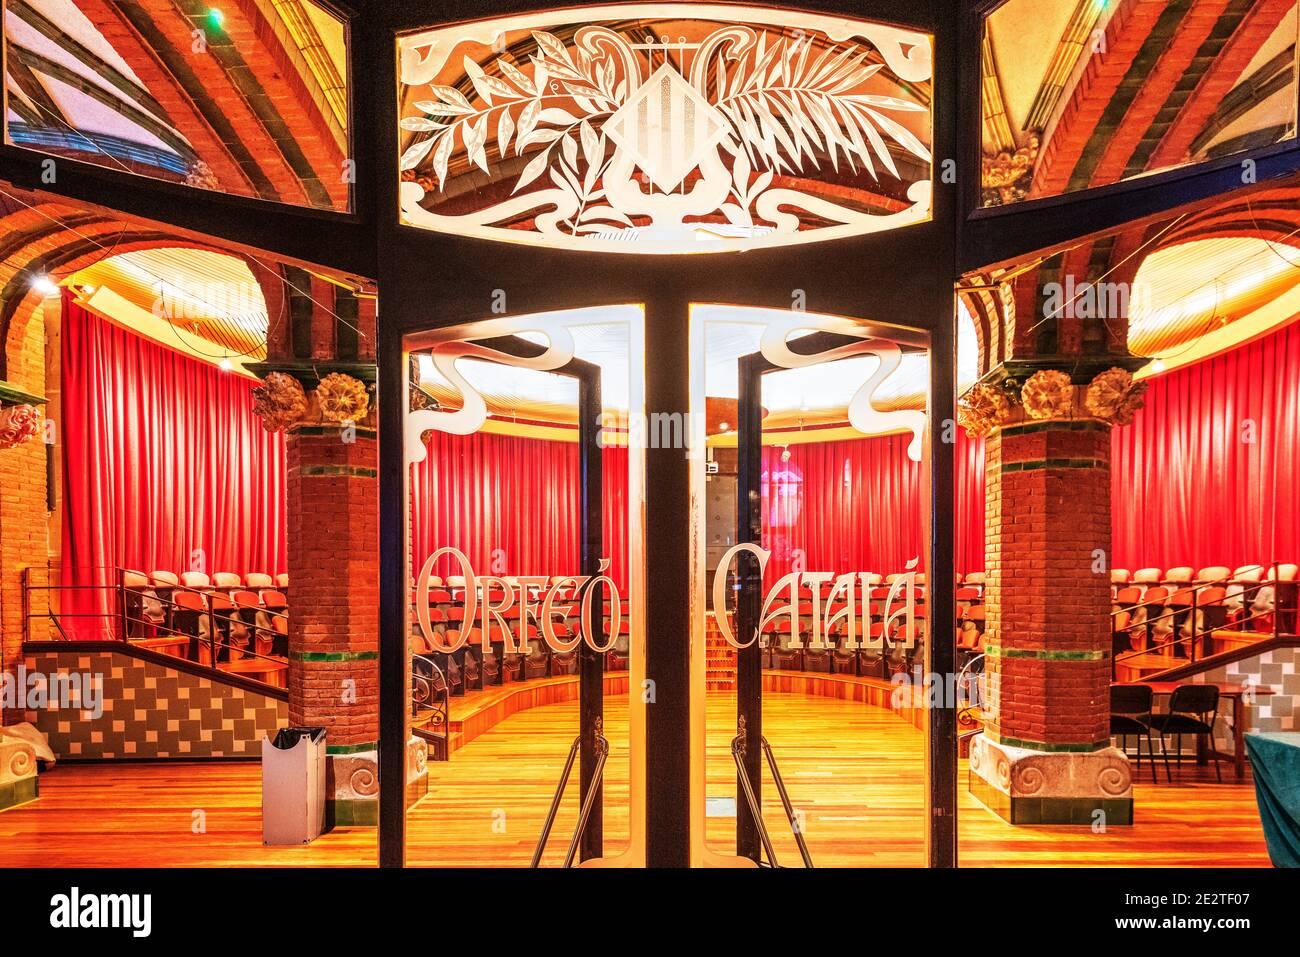 Sala de conciertos Orfeo Catala, Sala de conciertos Palacio de Música Catalana, Barcelona, Cataluña, España Foto de stock